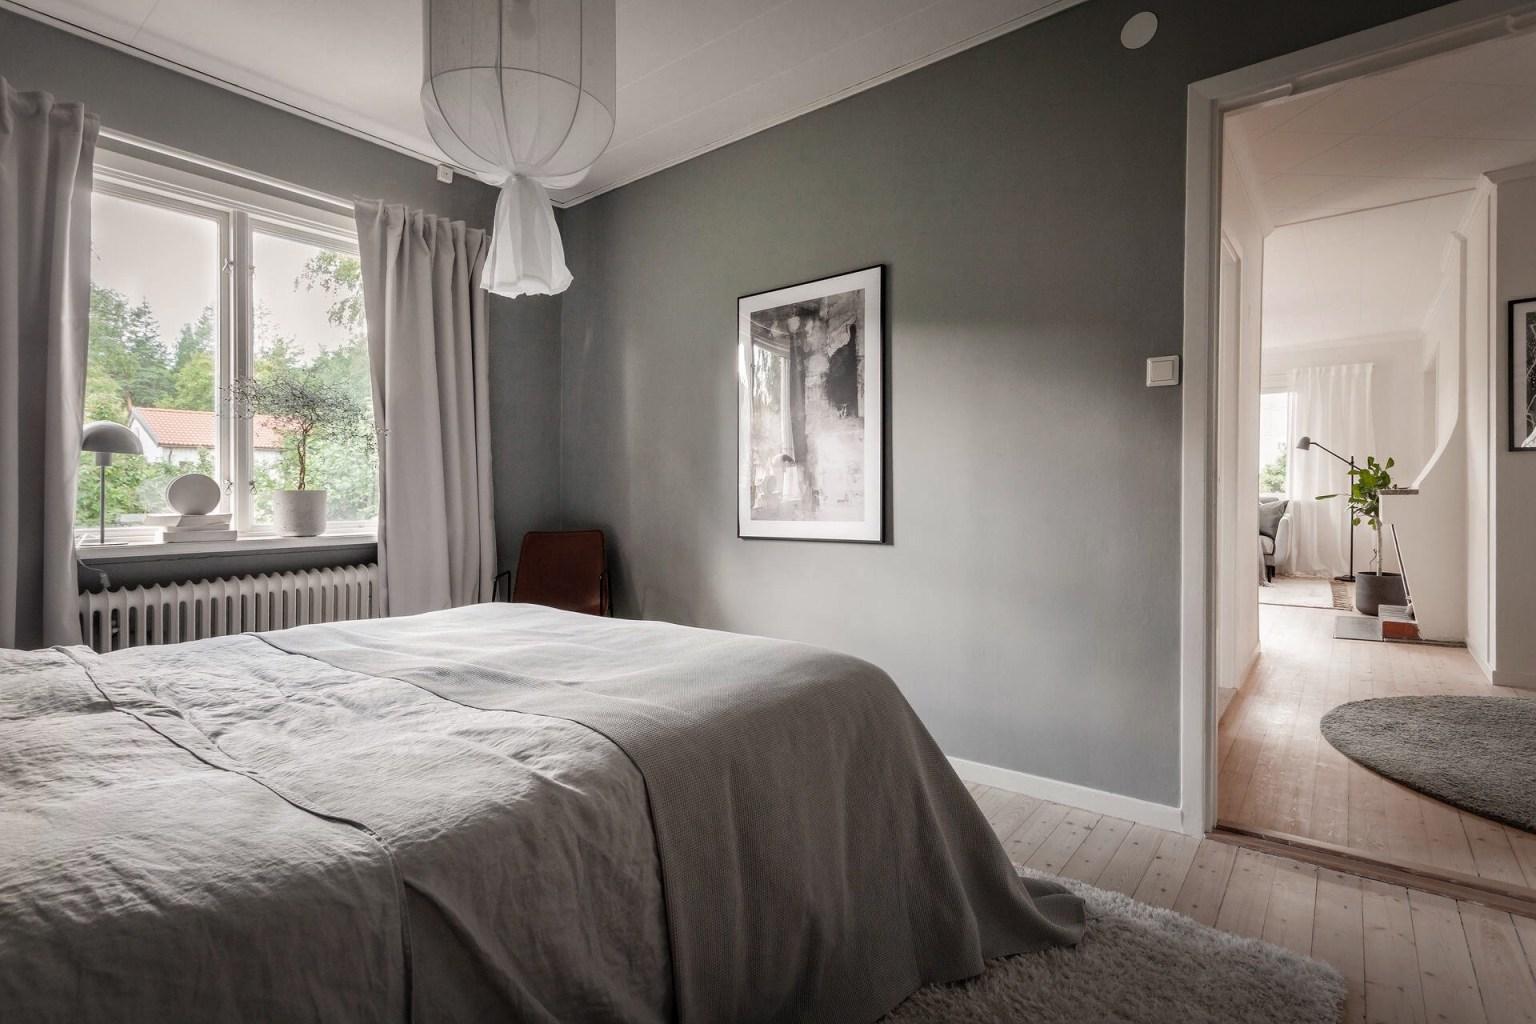 """21 bedroom grey walls 1605688714604426538185 - Căn nhà cấp 4 màu xanh da trời nhìn ngoài thì bình thường mà bên trong khiến ai cũng """"sững sờ"""""""